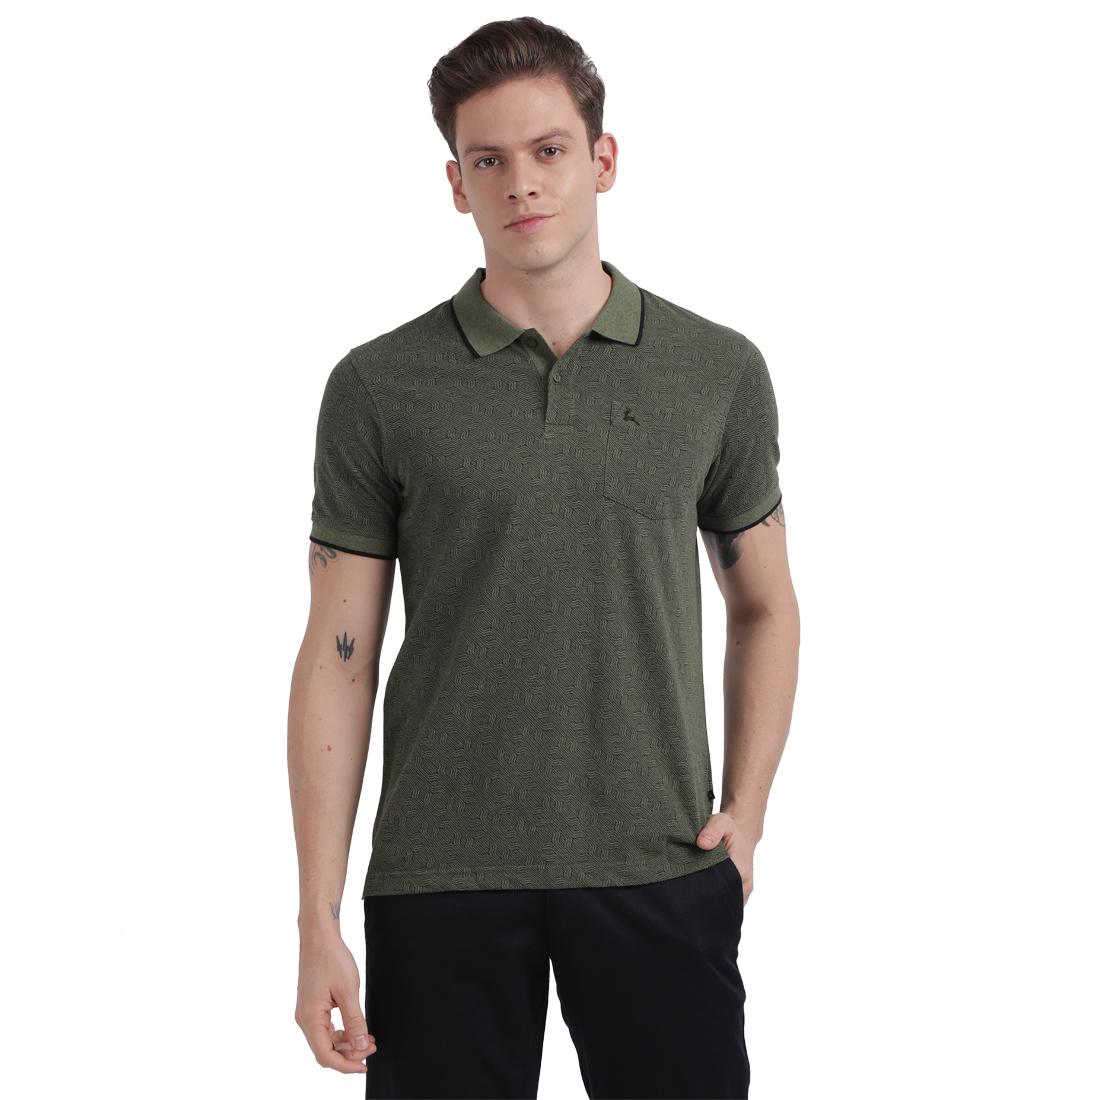 PARX | XMKS04672N8 Dark Green T-Shirt